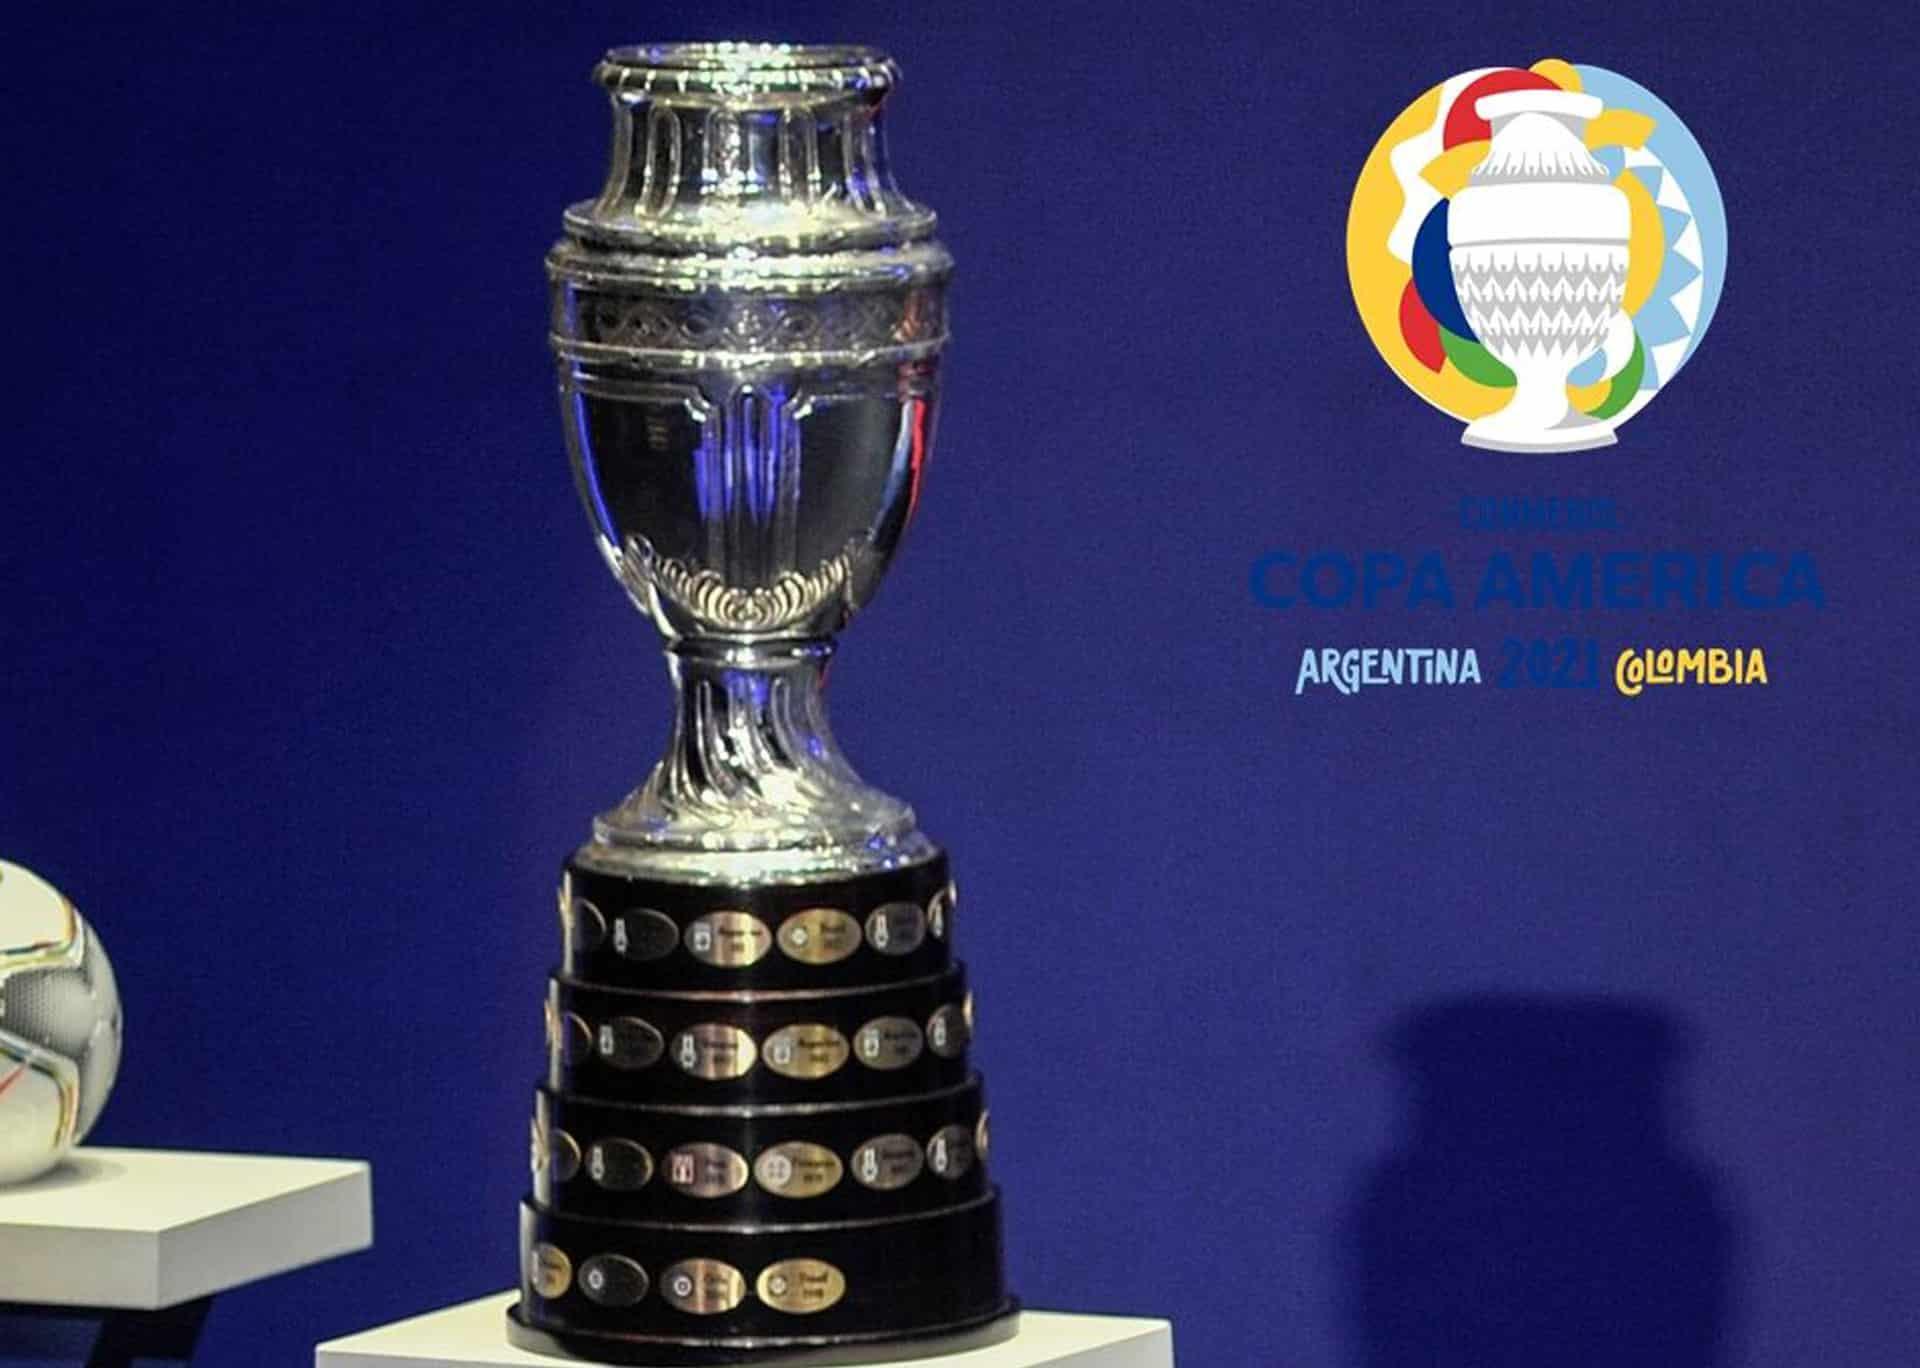 Win UFA369 ข่าวบอลออนไลน์ ยูฟ่าเบท เจ้าภาพใหม่โคปาอเมริกา 2021 นั้นจัดการแข่งขันที่บราซิล ซึ่ง บราซิล